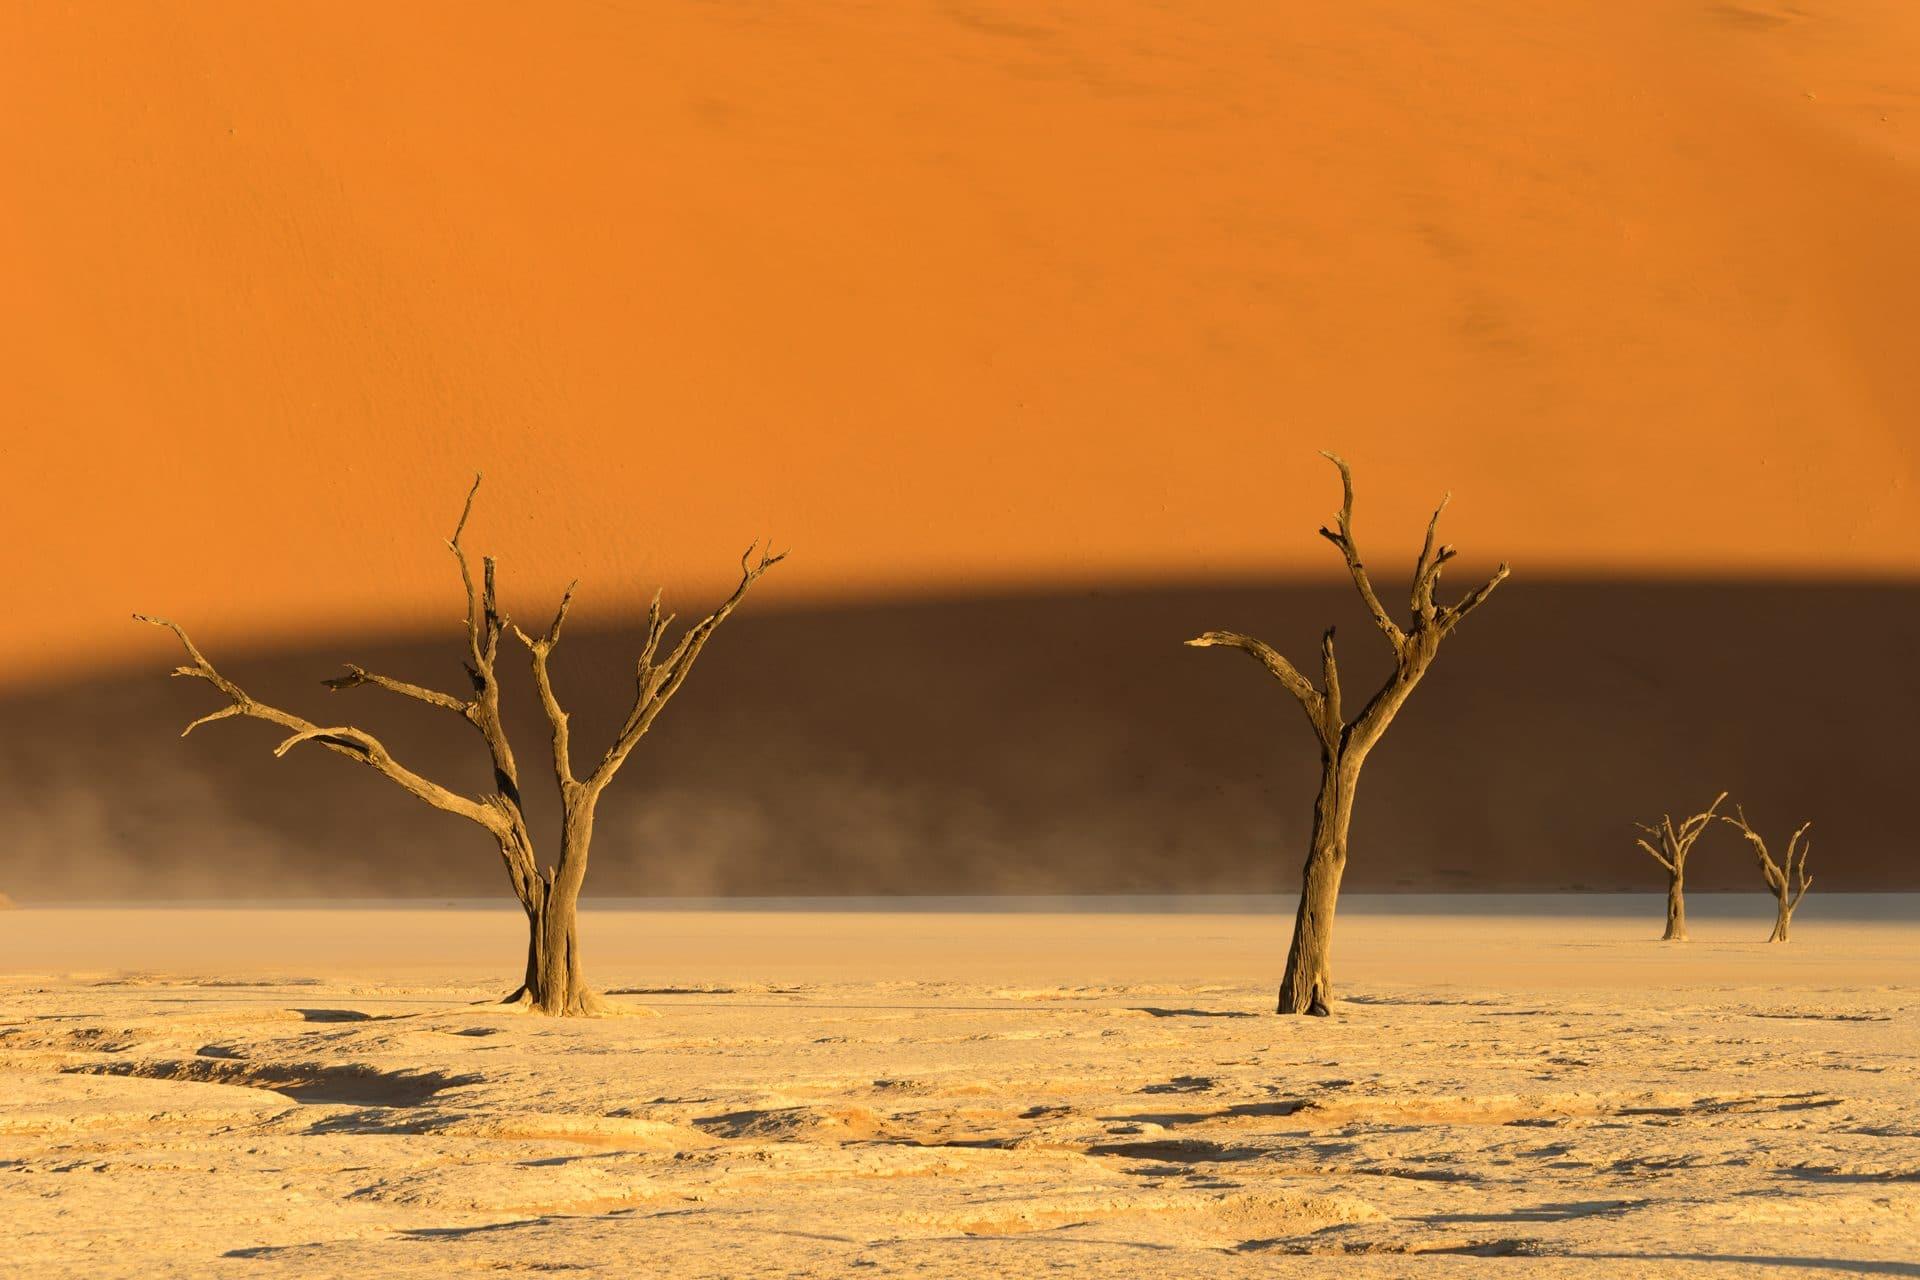 Namibia_14-1920x1280.jpg